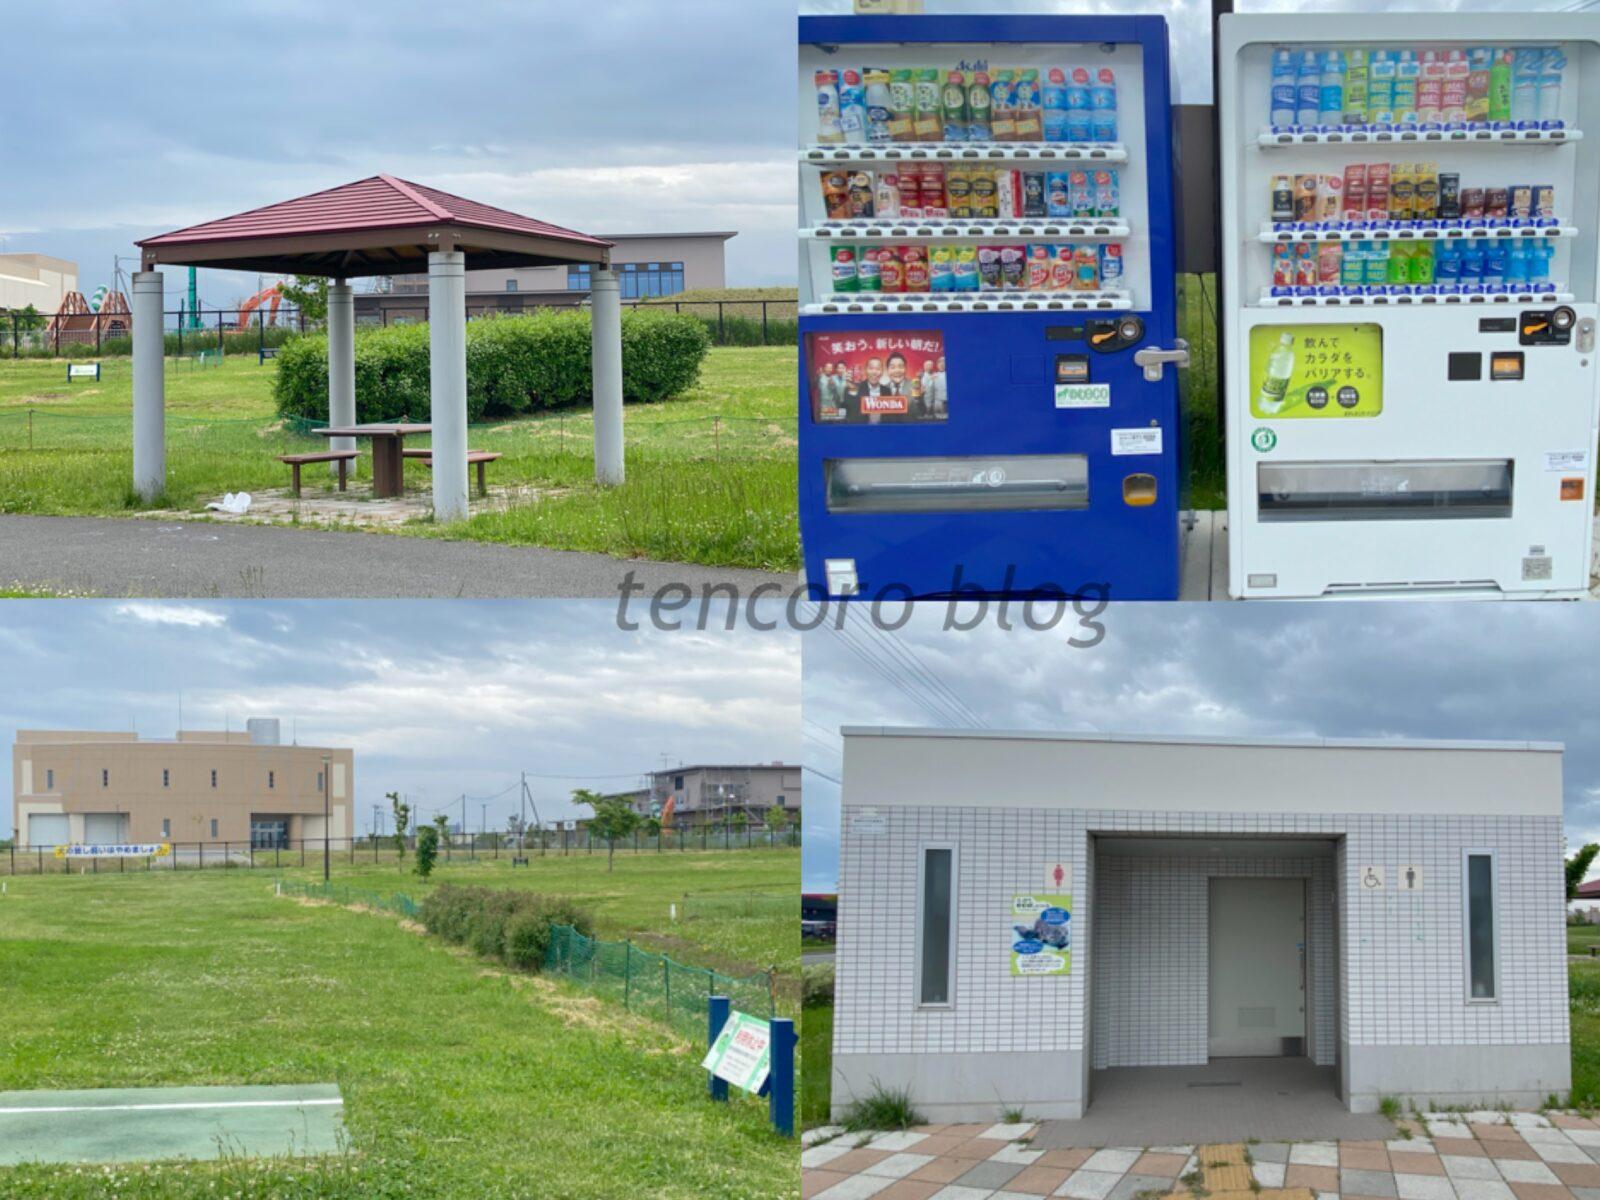 東雁来公園 公園 トイレ 設備